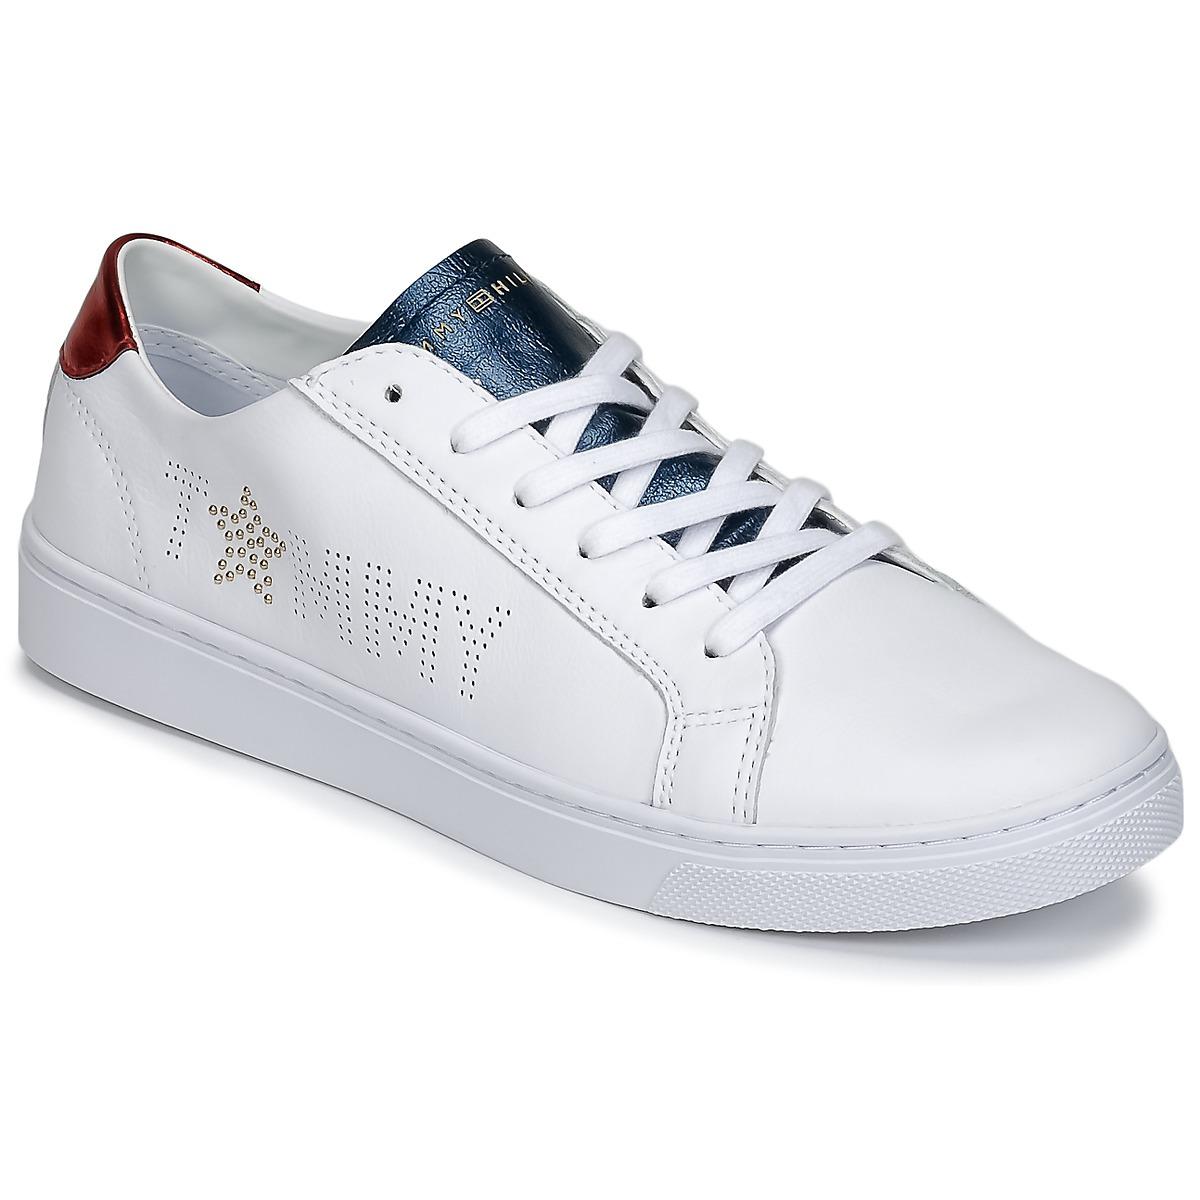 Tommy Hilfiger VENUS 22 Weiss / Blau / Rot - Kostenloser Versand bei Spartoode ! - Schuhe Sneaker Low Damen 79,90 €